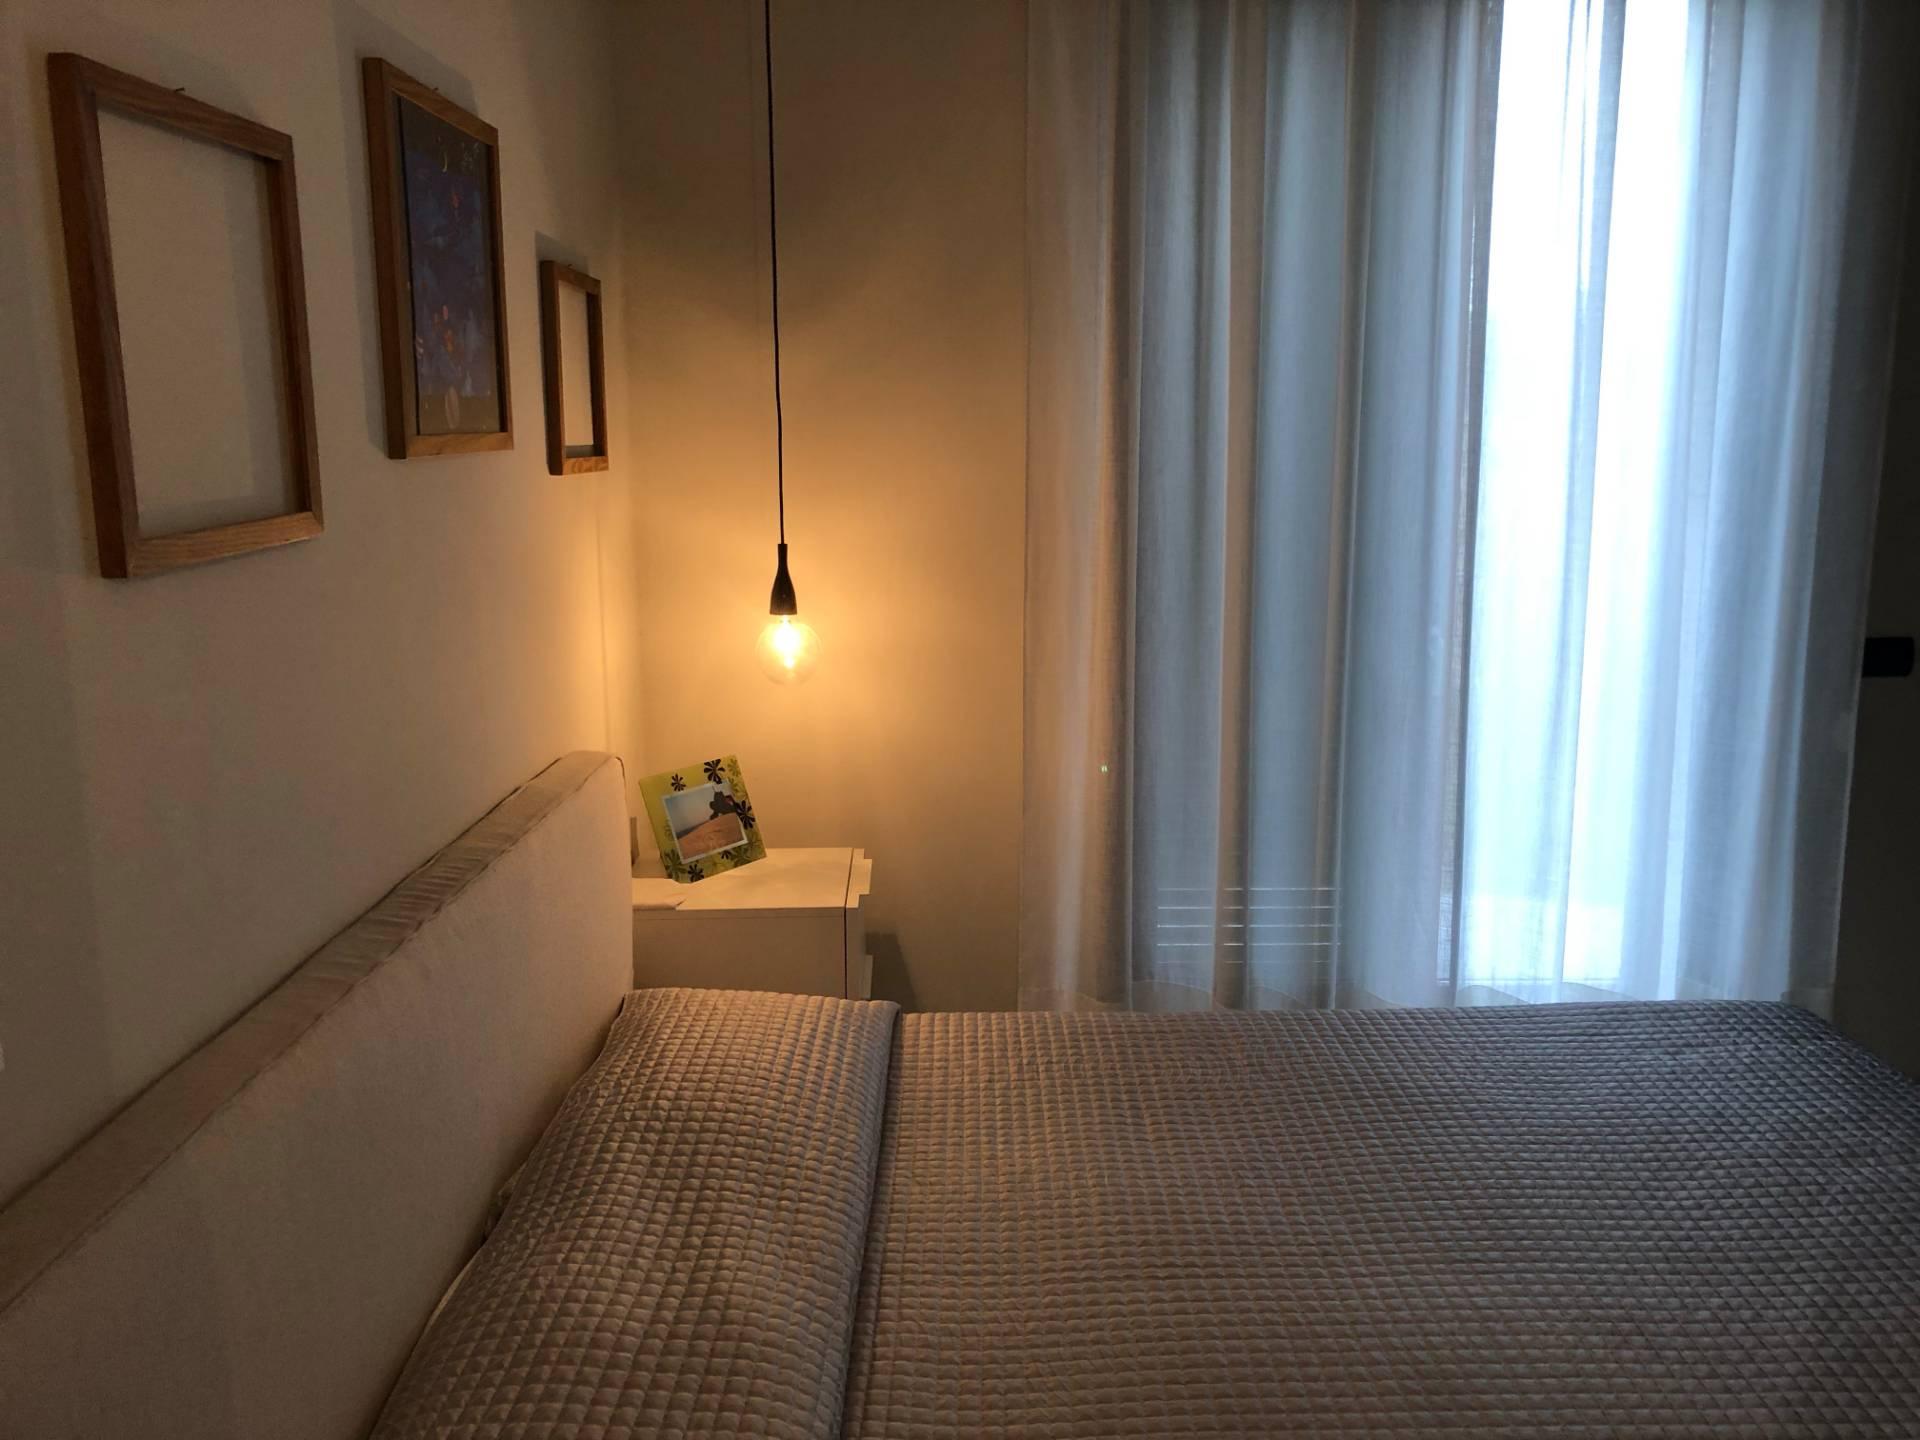 Appartamento in vendita a Servigliano, 4 locali, prezzo € 138.000 | CambioCasa.it